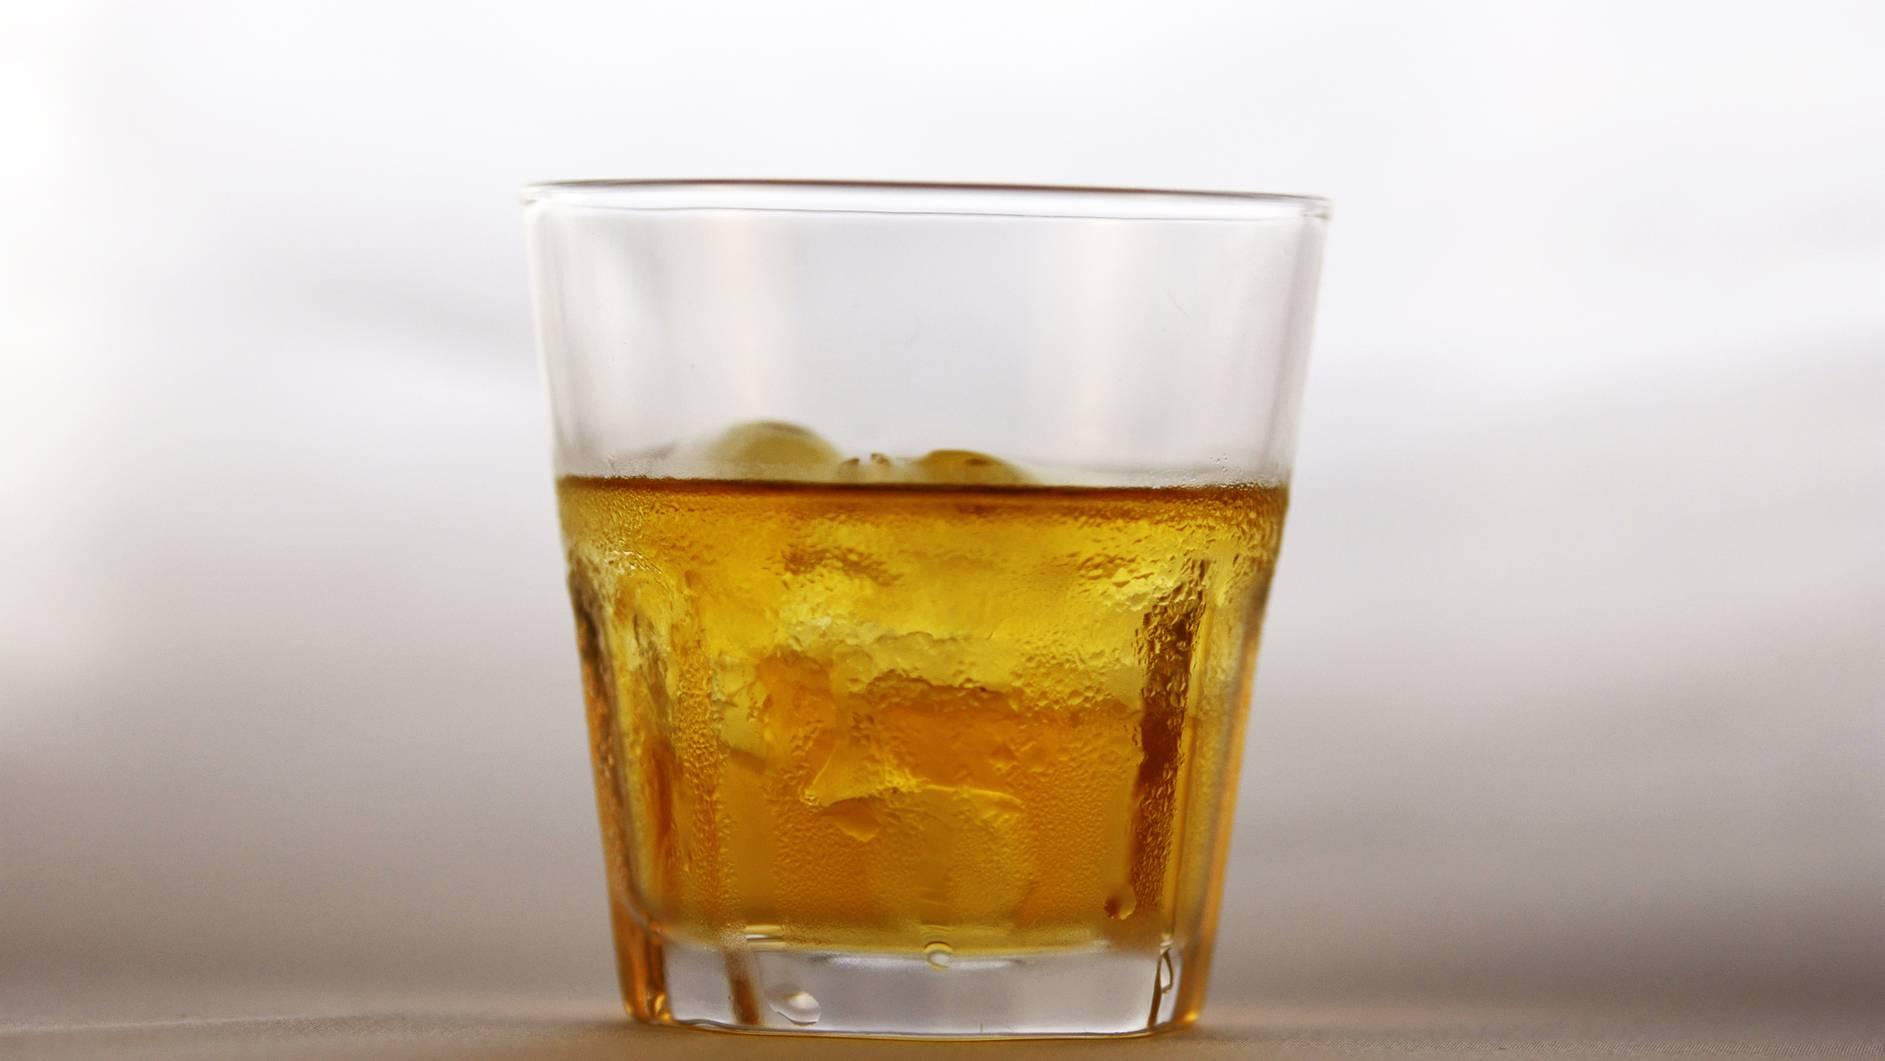 Яблочный виски и популярные коктейли | про самогон и другие напитки ? | яндекс дзен